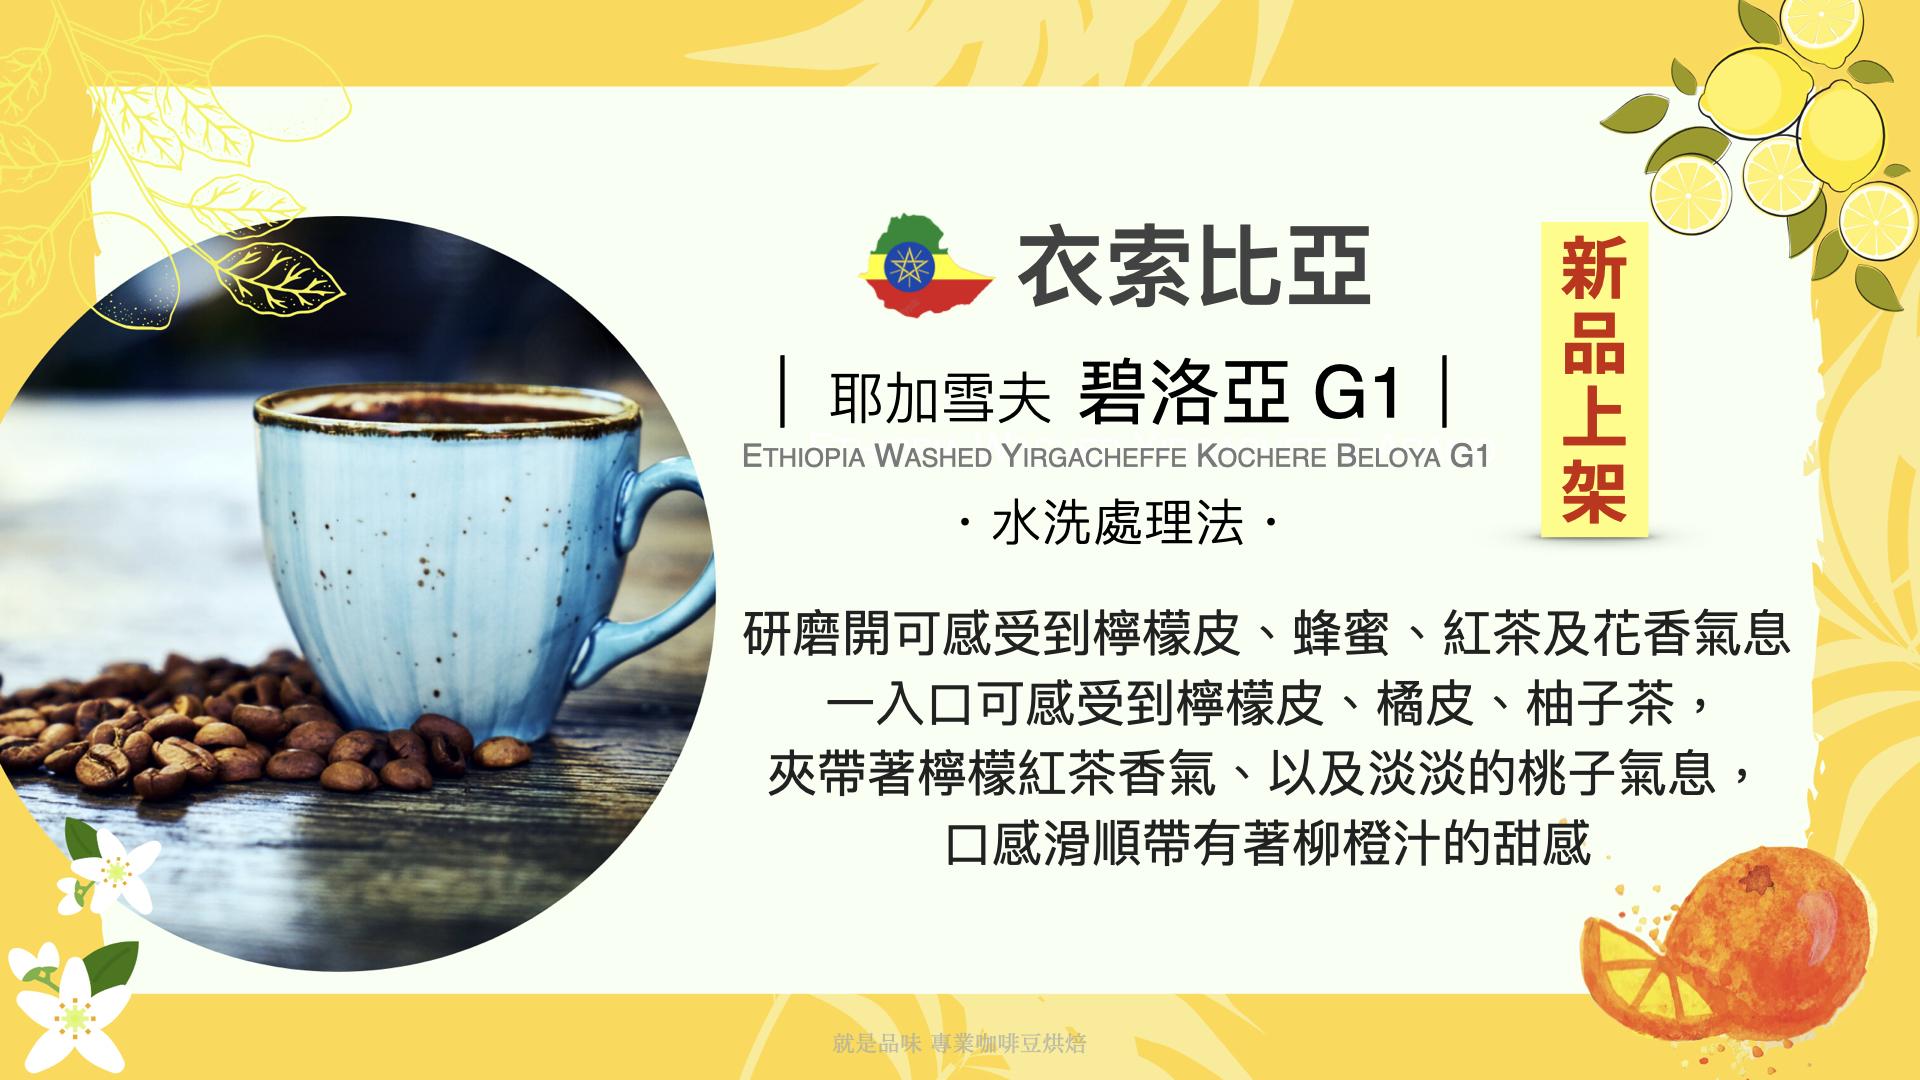 衣索比亞水洗處理法碧洛亞咖啡豆就是品味咖啡在台南安平